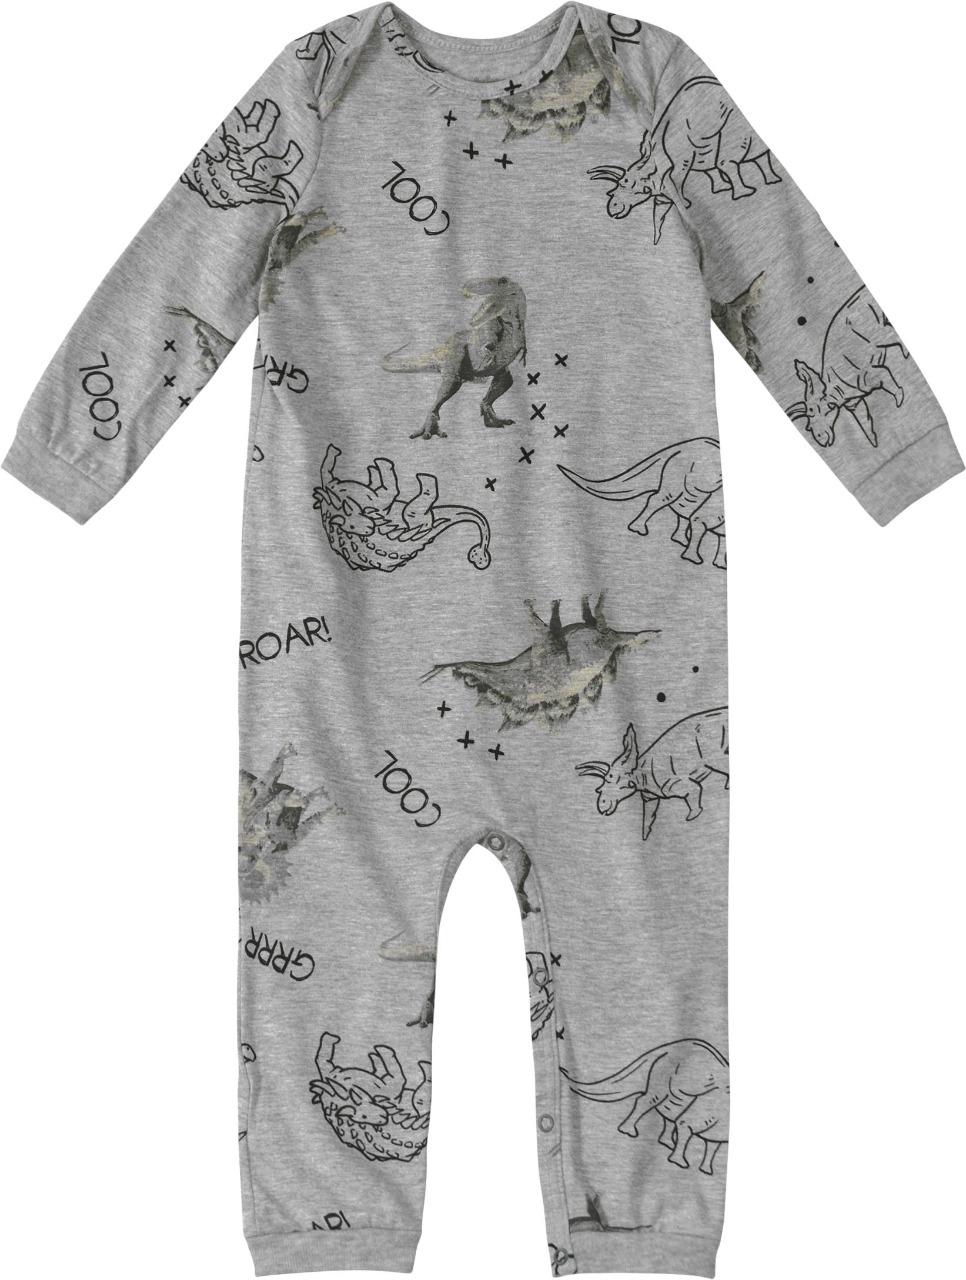 Macacão Pijama manga longa Cinza Estampado - Tam 1 a 3 anos